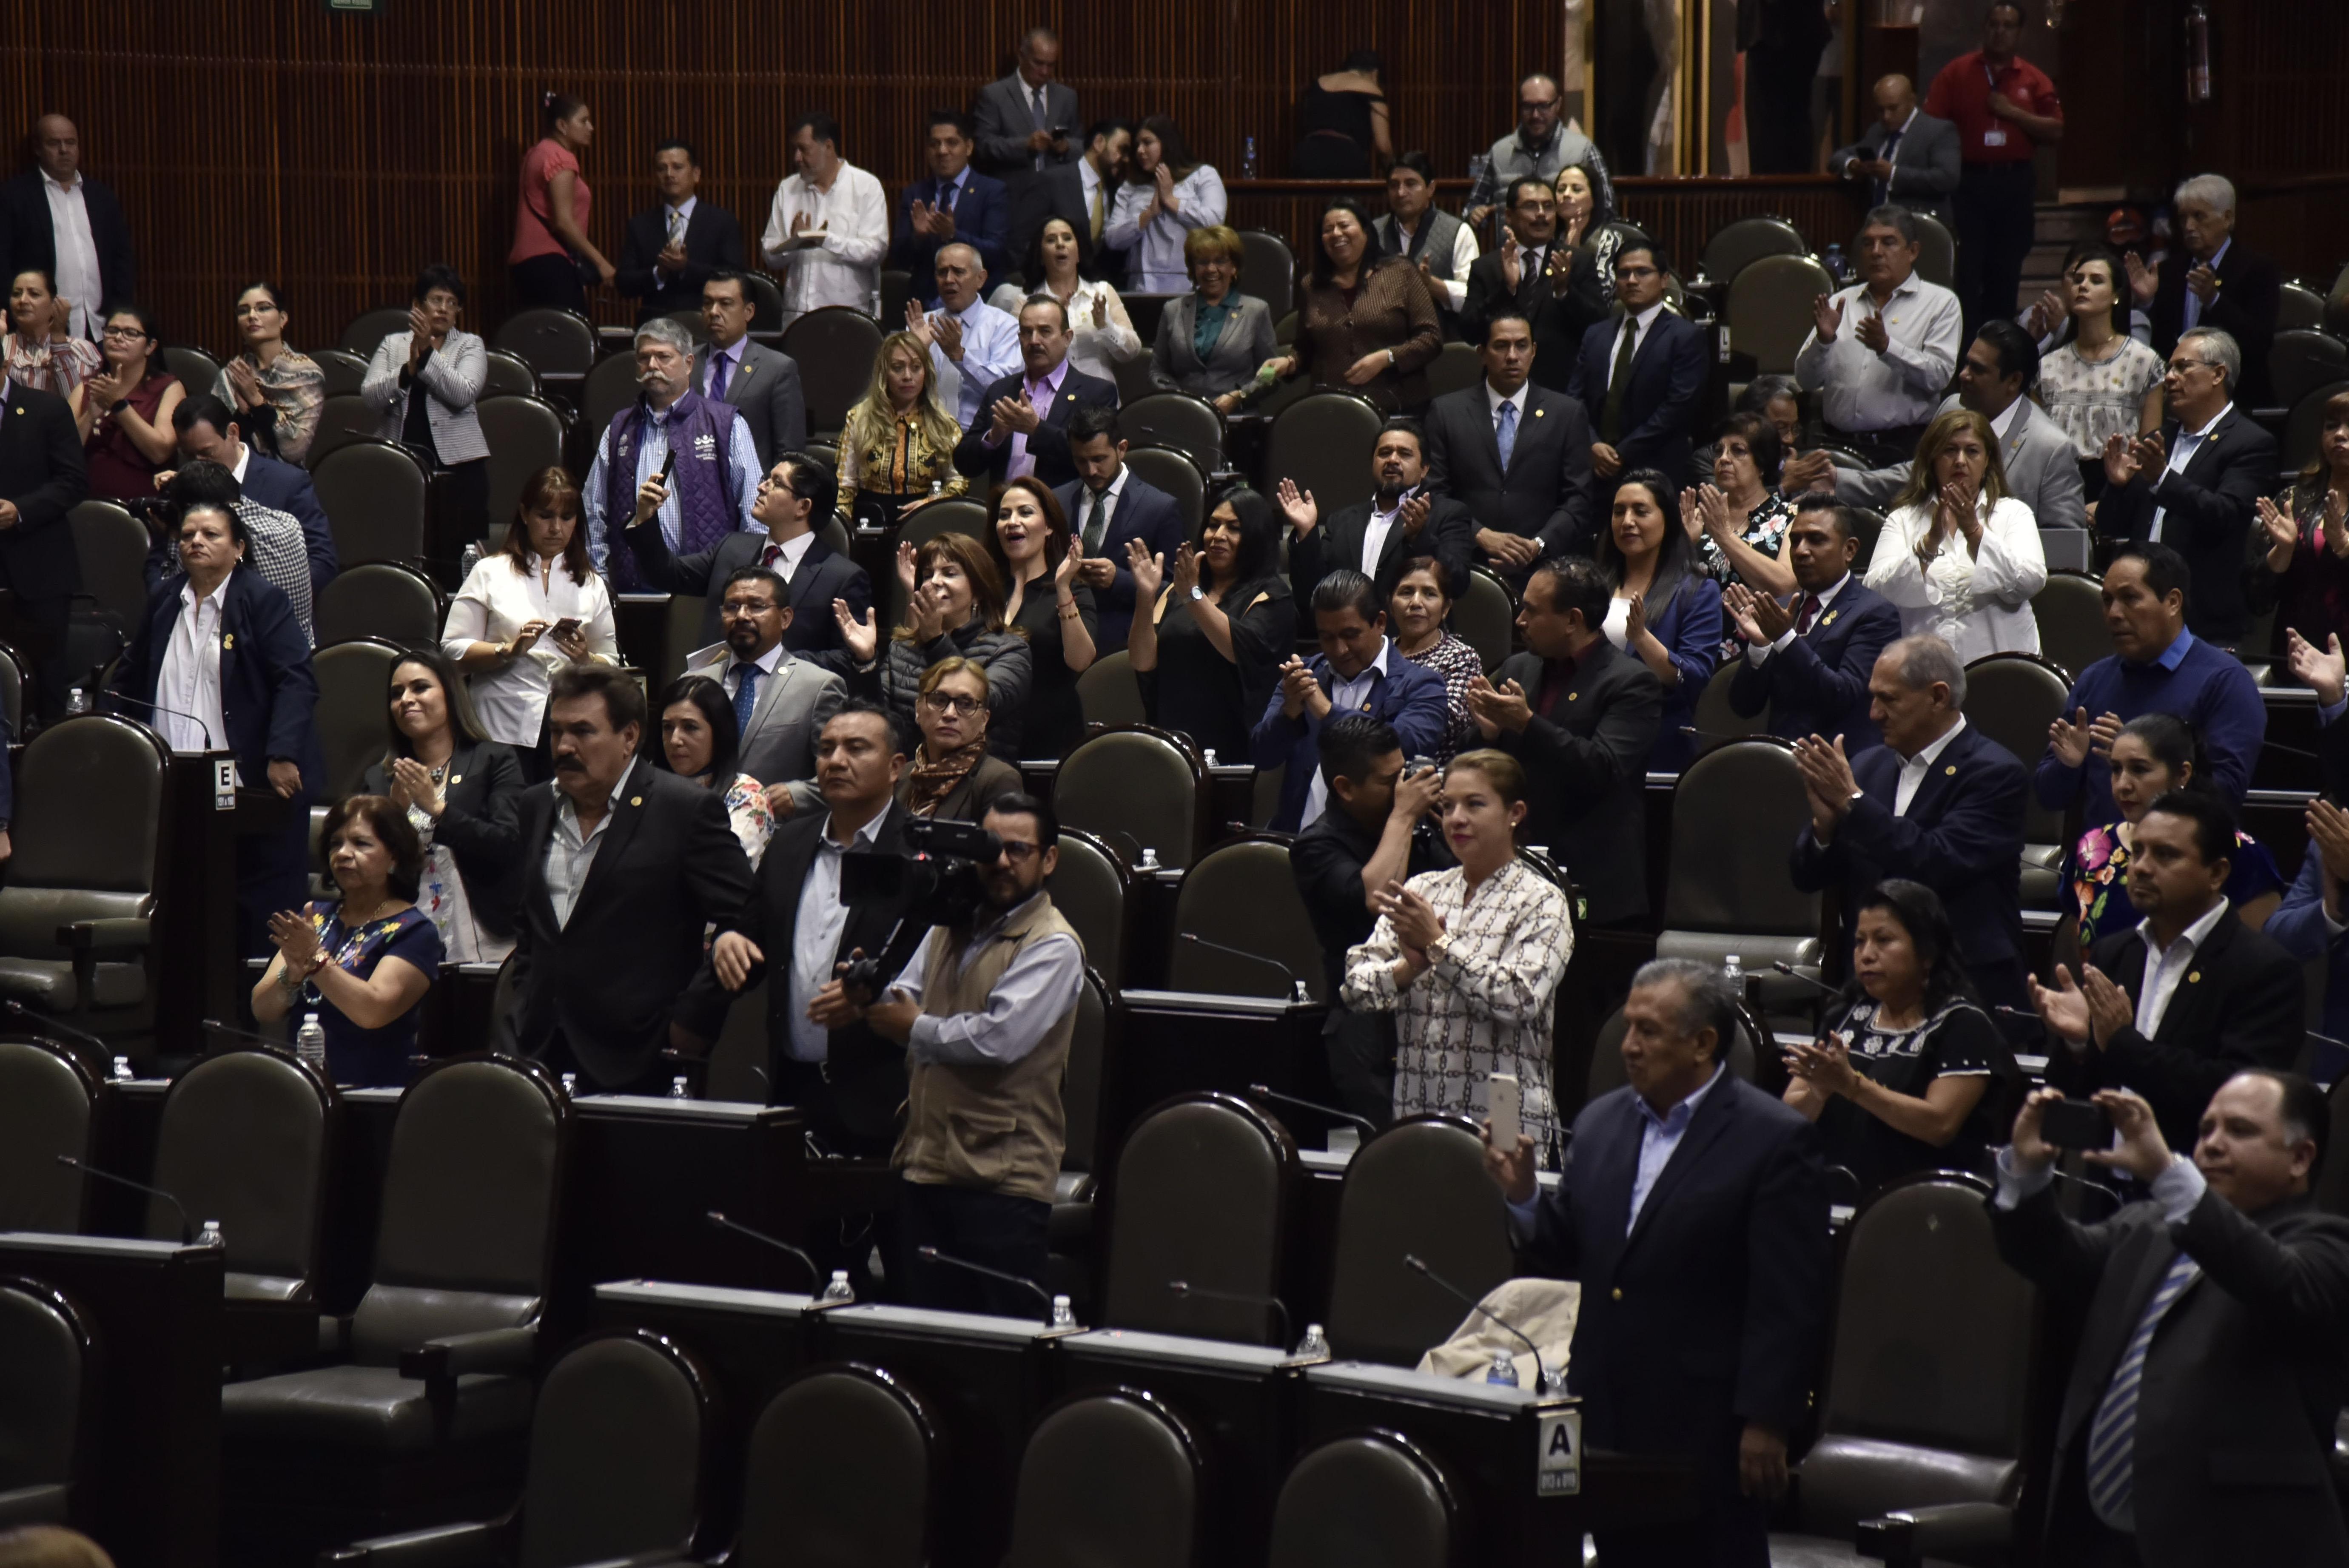 Se realizó la Declaratoria de Reforma Constitucional en materia de Guardia Nacional durante la Sesión Ordinaria de la LXIV Legislatura de la Cámara de Diputados. FOTO: MARIO JASSO /CUARTOSCURO.COM